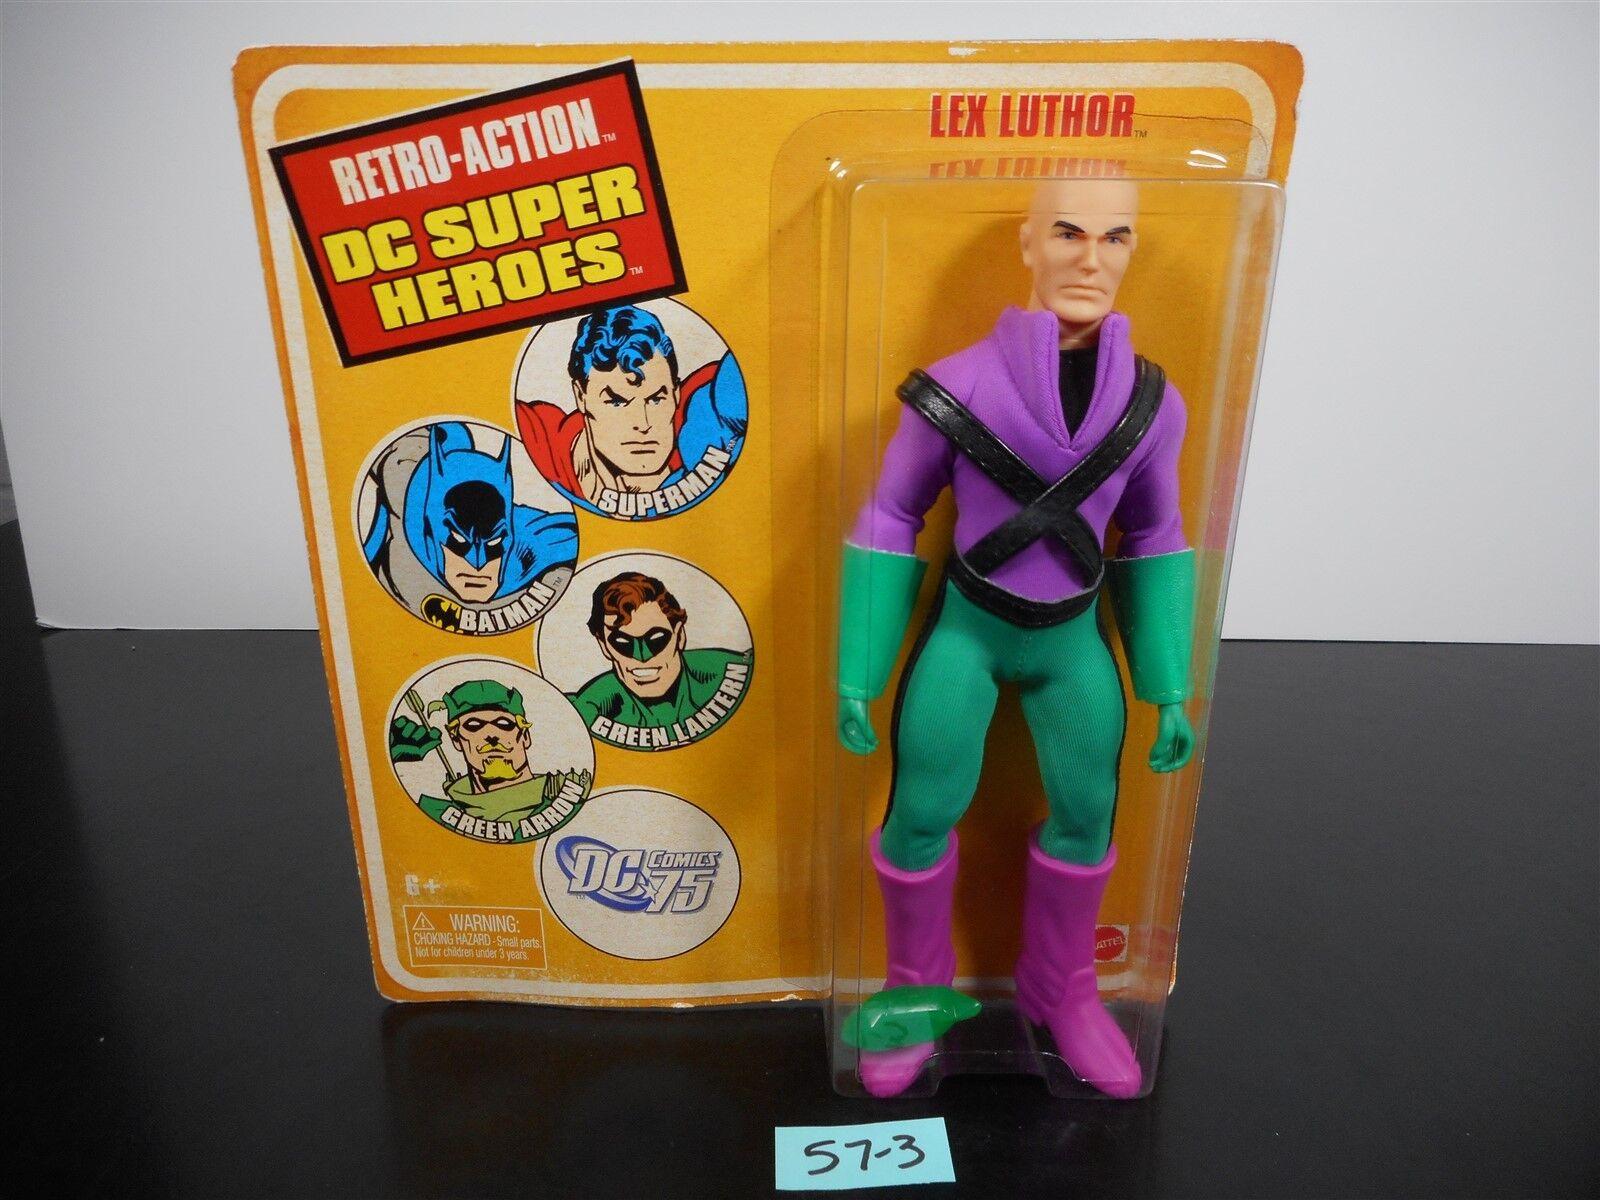 NEW & SEALED    Rétro-Action DC Super Heroes Lex Luthor DC COMICS 75 R5934 57-3